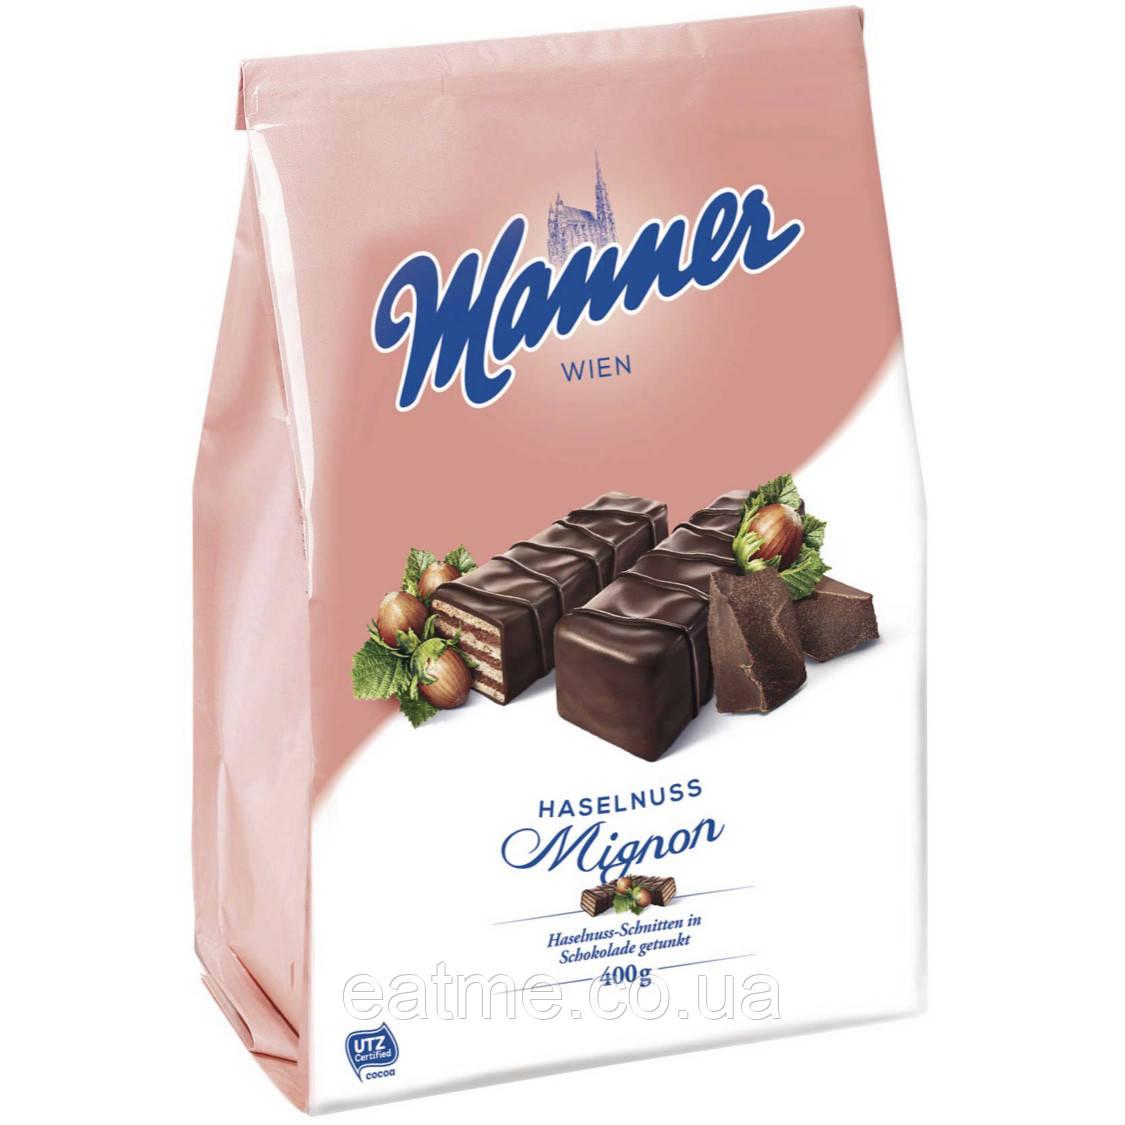 Manner Невероятно вкусные Венские вафли с ореховой начинкой в чёрном шоколаде